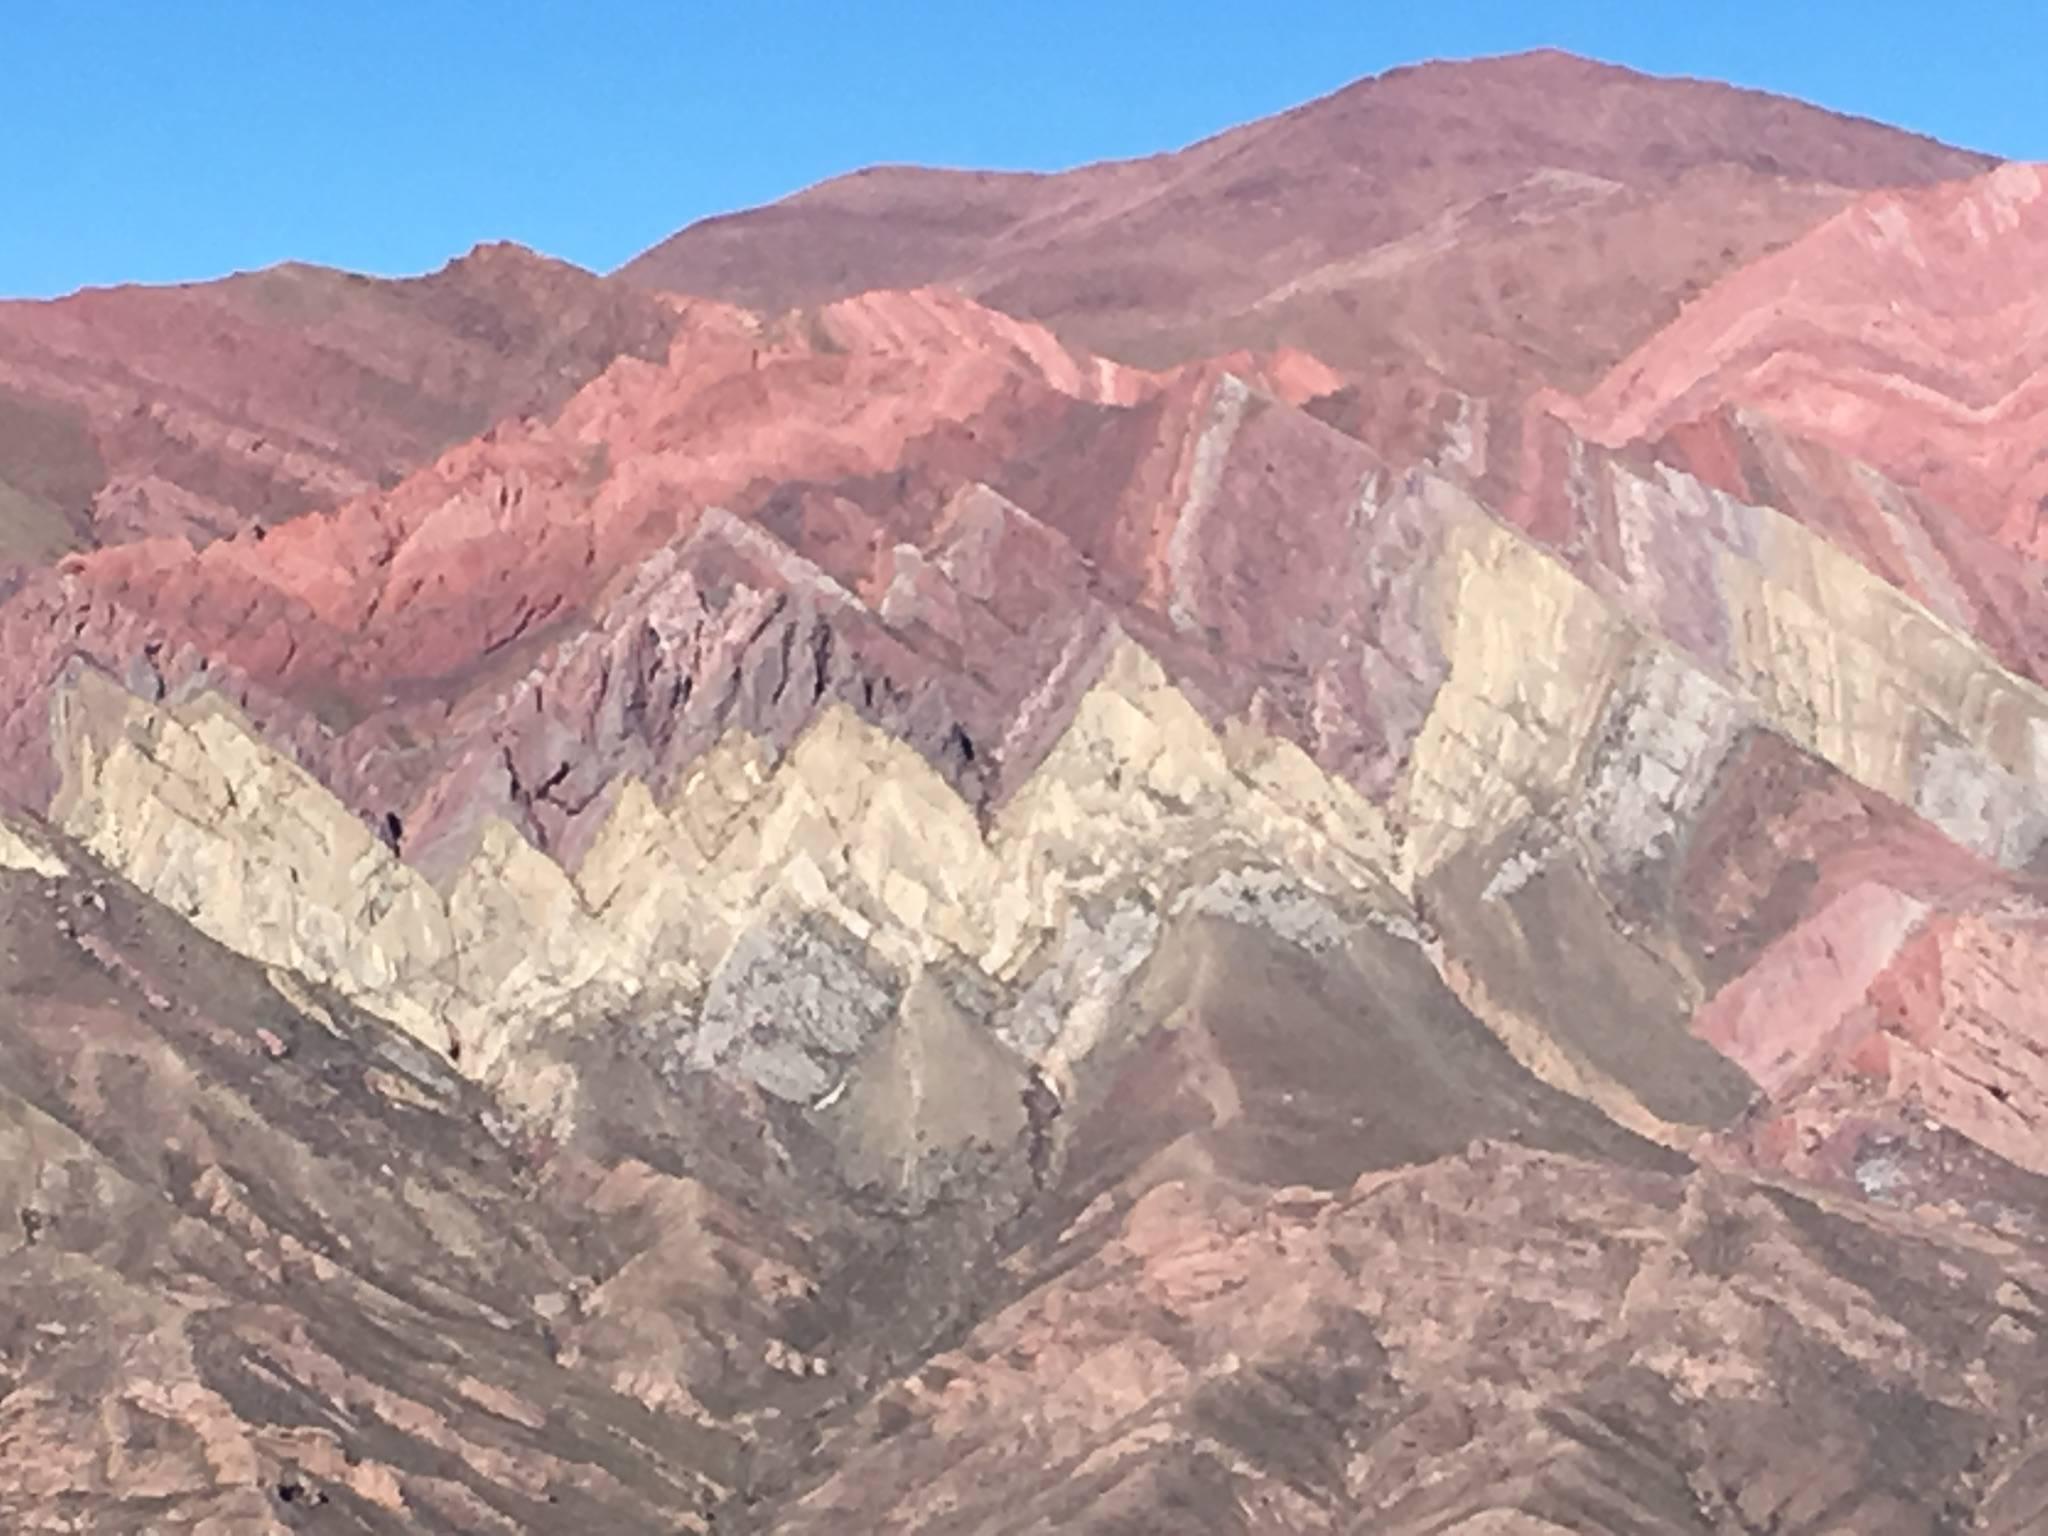 Photo 3: Humahuaca